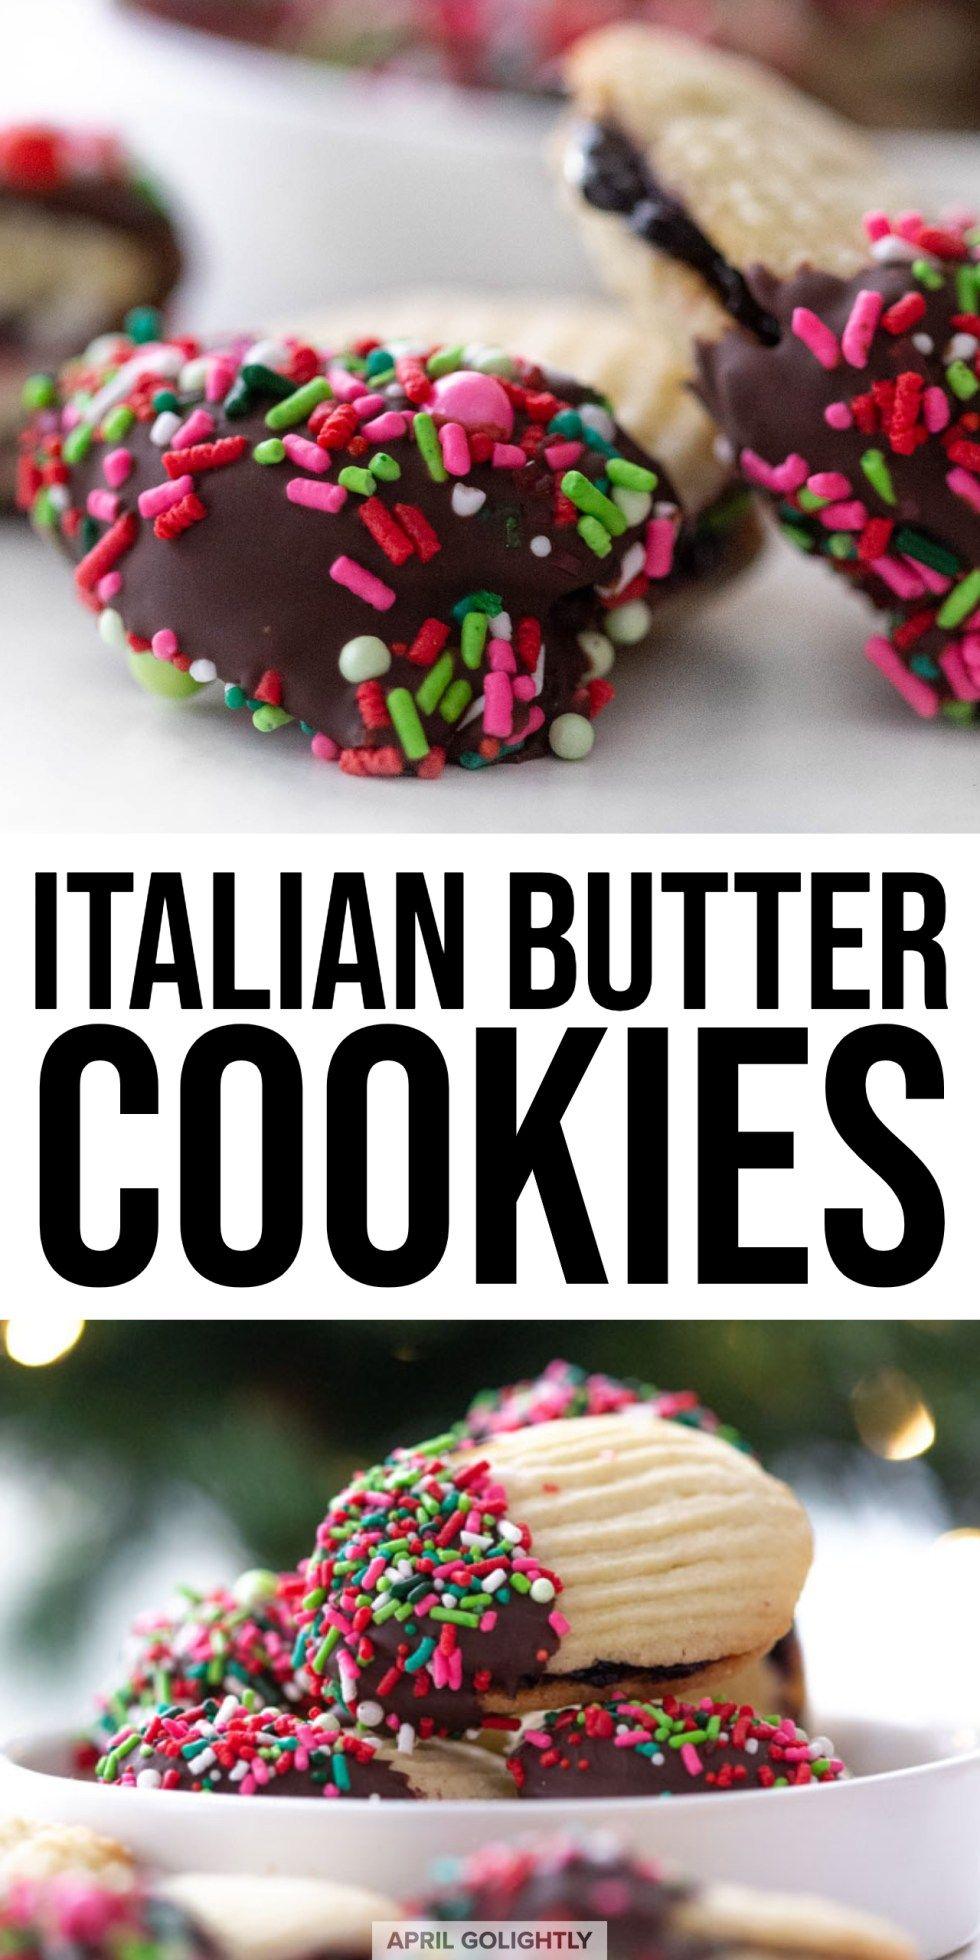 Italian Butter Cookies #ChristmasSweetsWeek